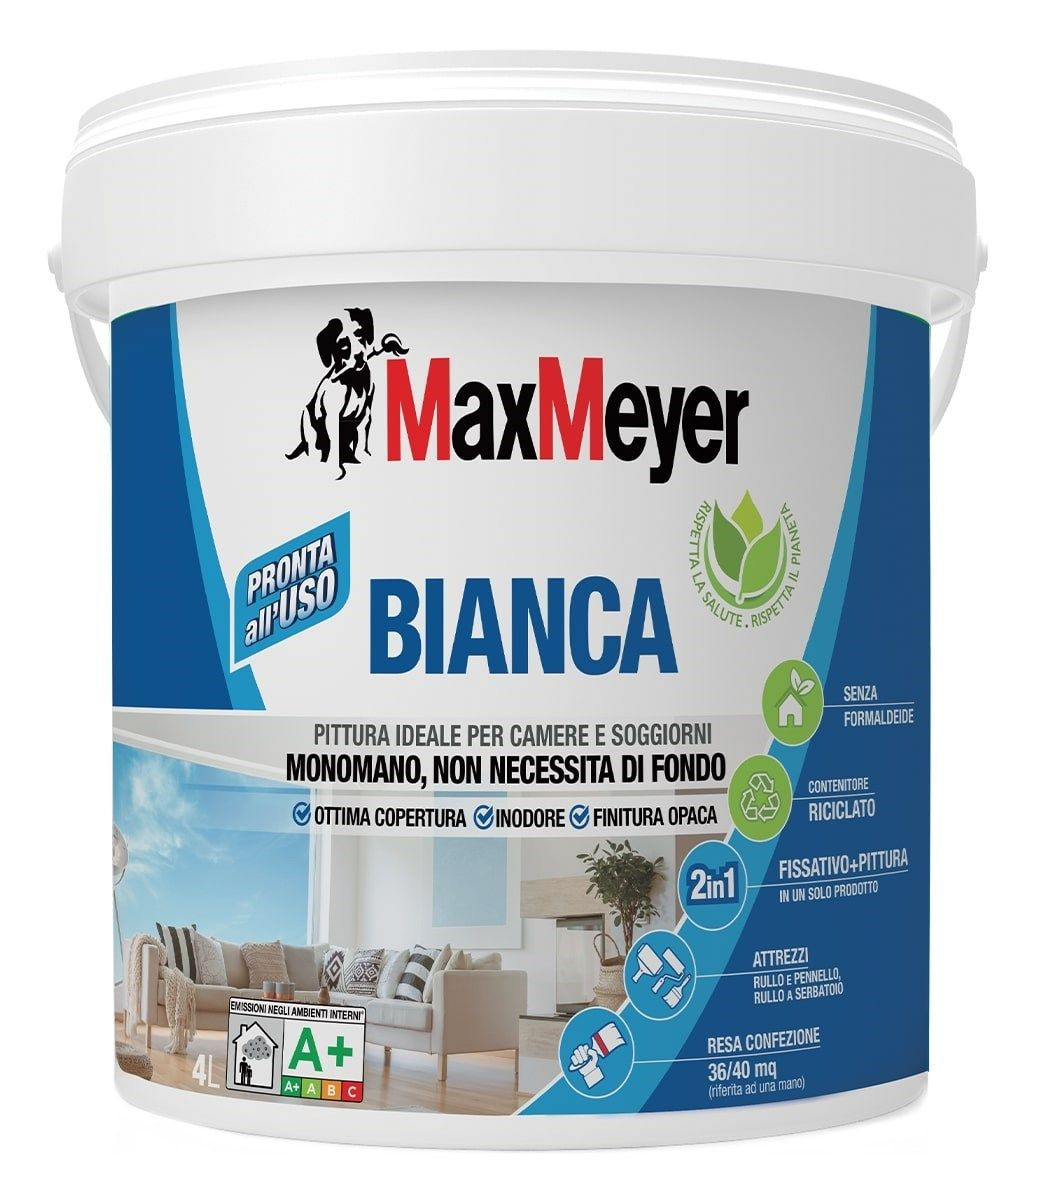 MaxMeyer presenta 'Bianca', la pittura monomano per camere e soggiorni